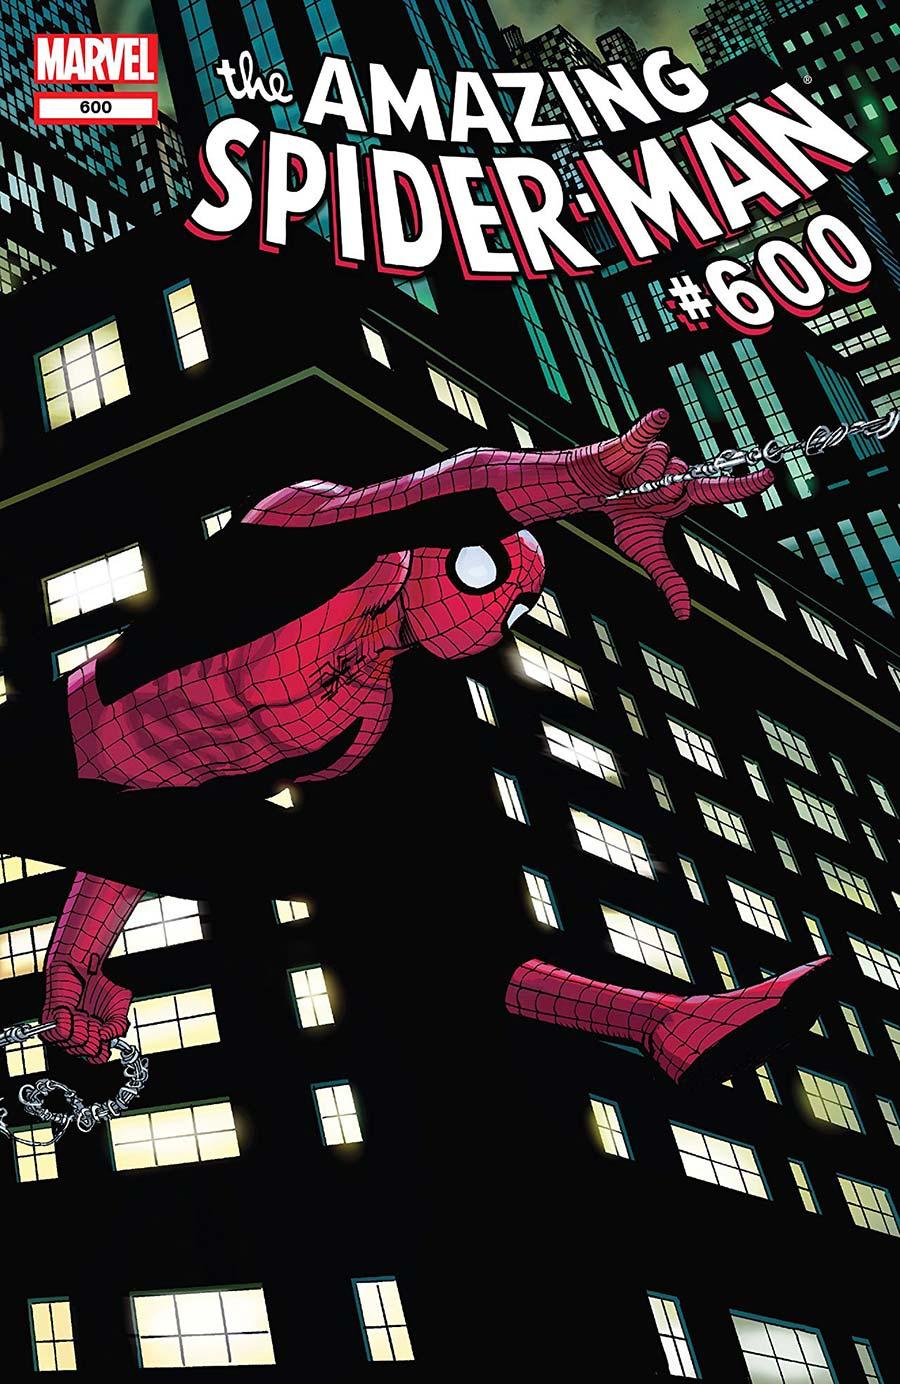 Spider-Man (Dan Slott)